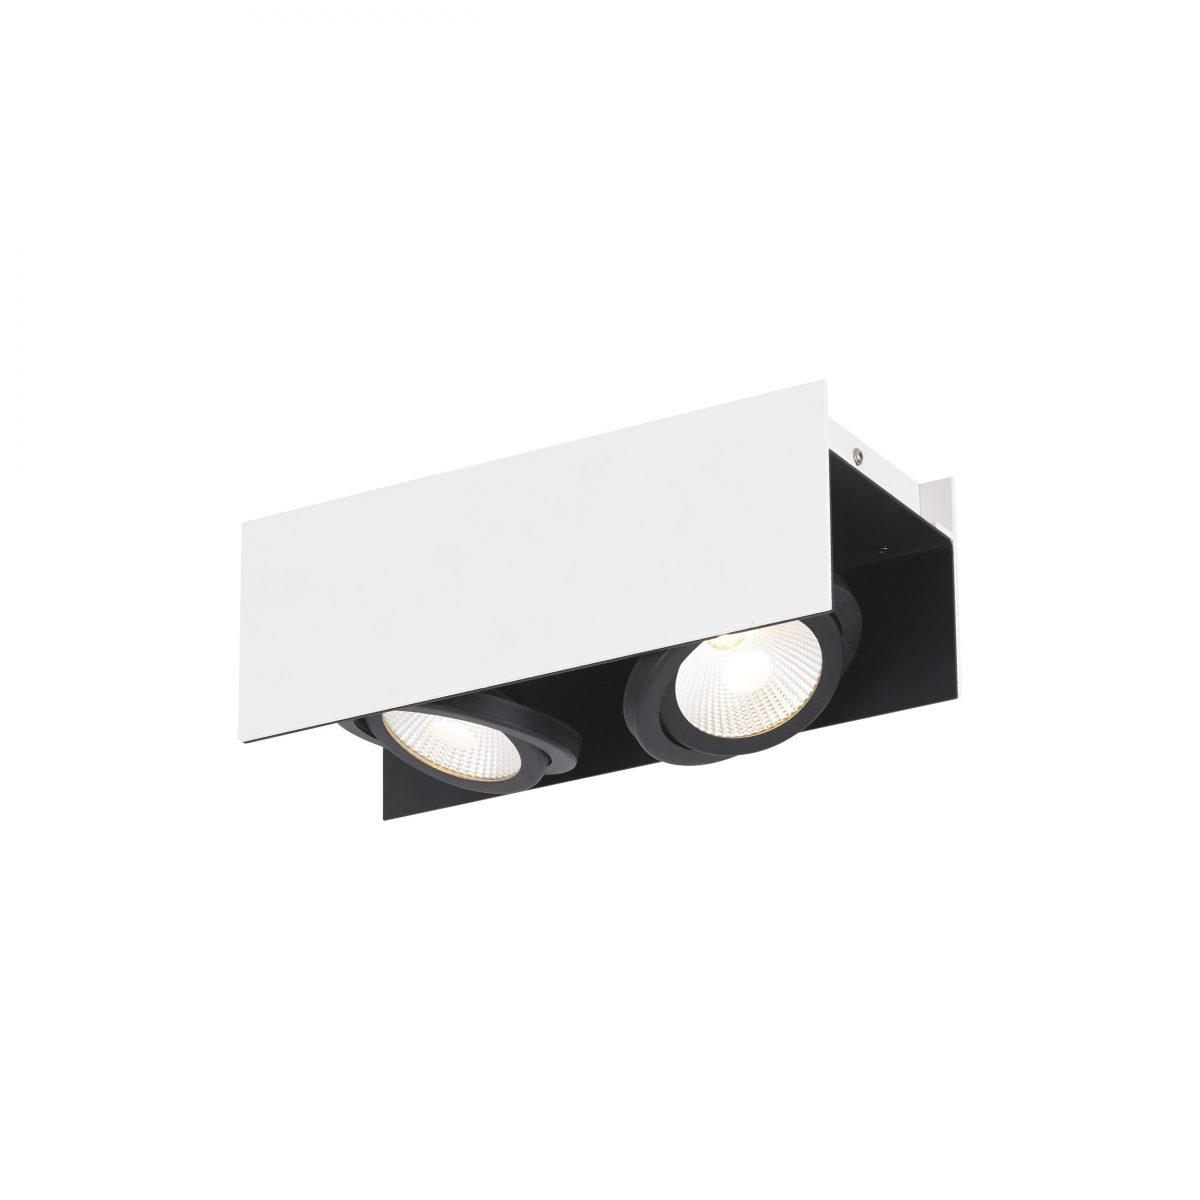 Светильник настенно-потолочный VIDAGO PRO EGLO 62932 - Фото №28